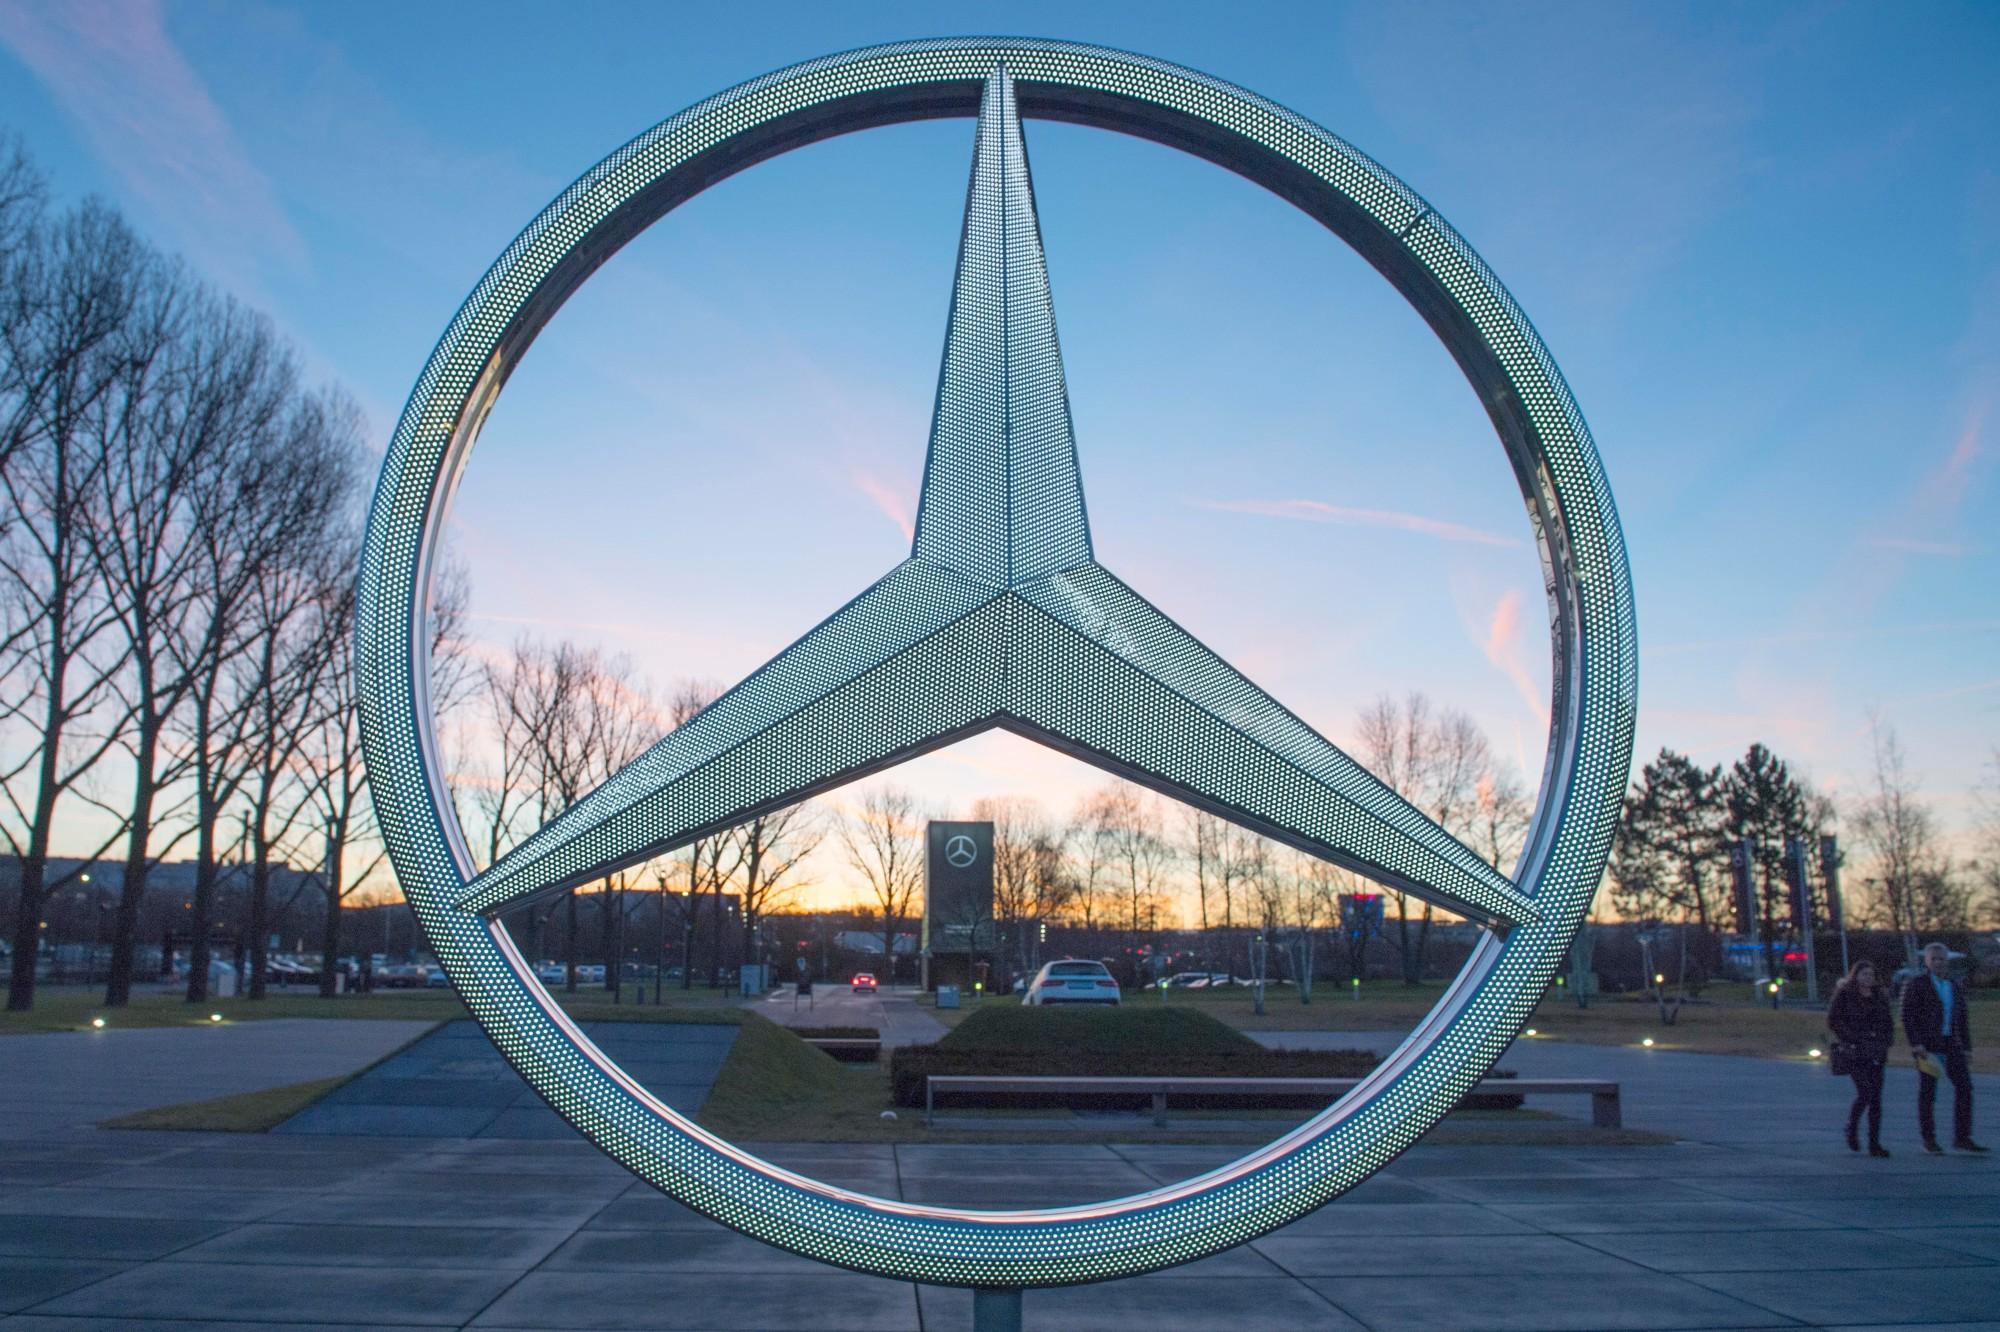 Mercedes rappelle 1,29 million de véhicules à cause d'un défaut du système d'appel... - RTL.fr